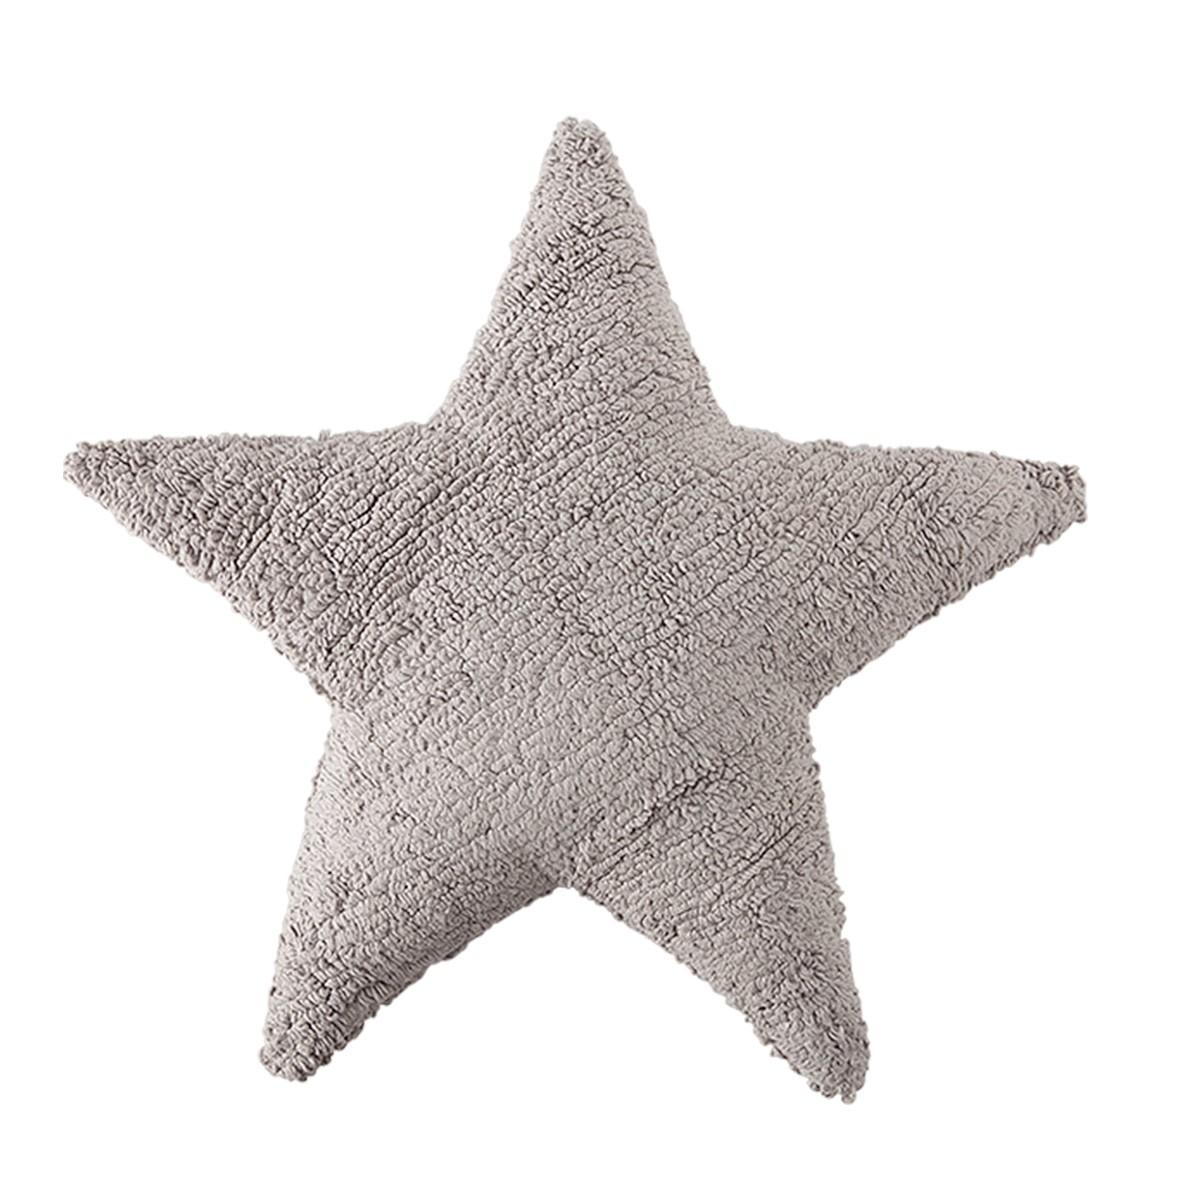 Διακοσμητικό Μαξιλάρι Lorena Canals Star Light Grey